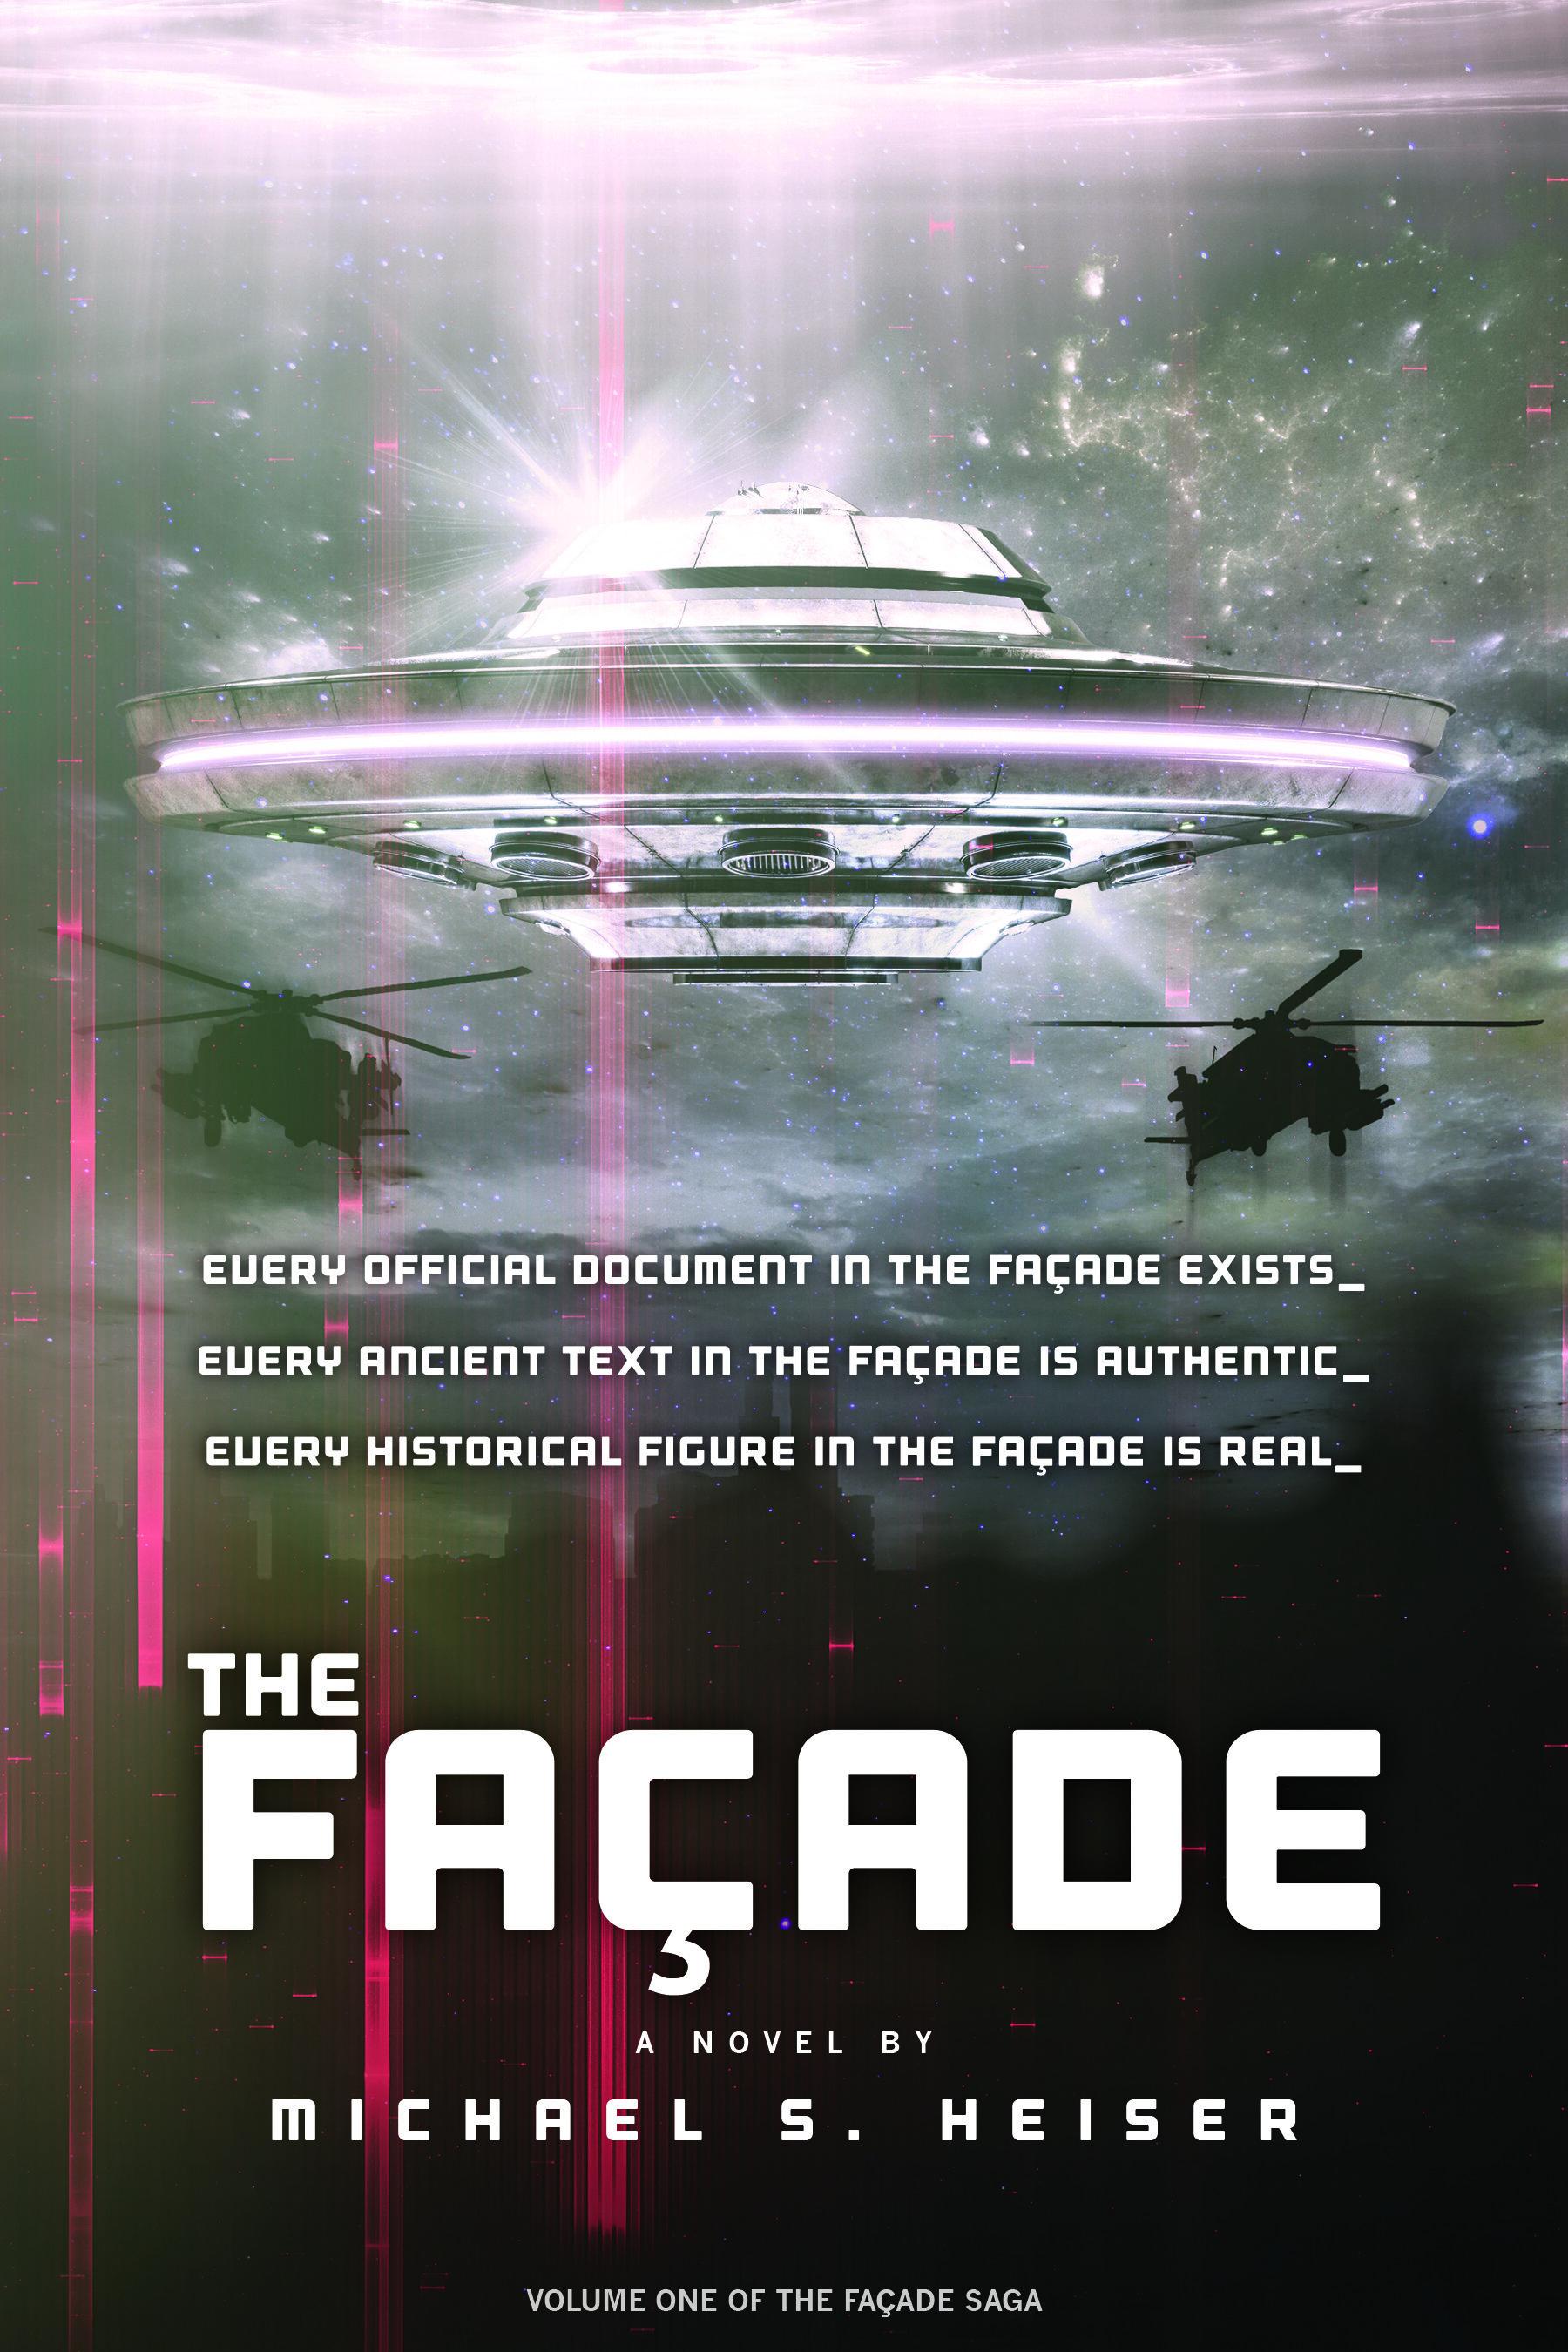 The Façade